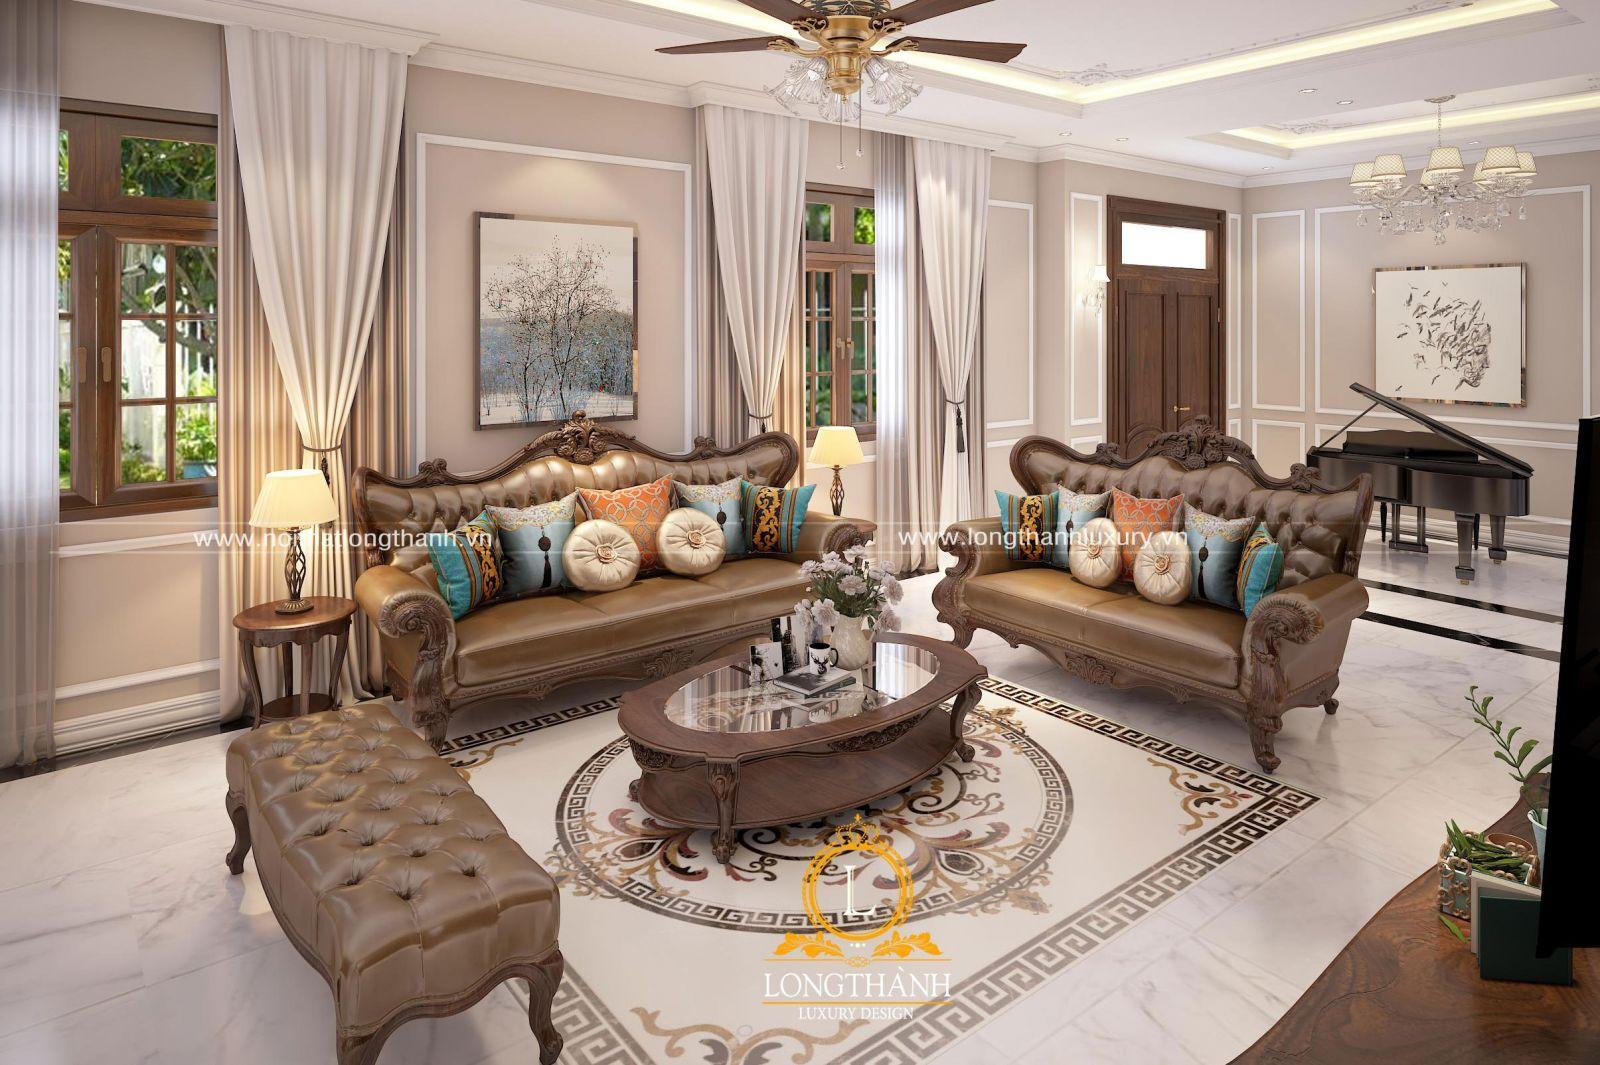 Màu sắc sofa phải hài hòa với toàn bộ không gian